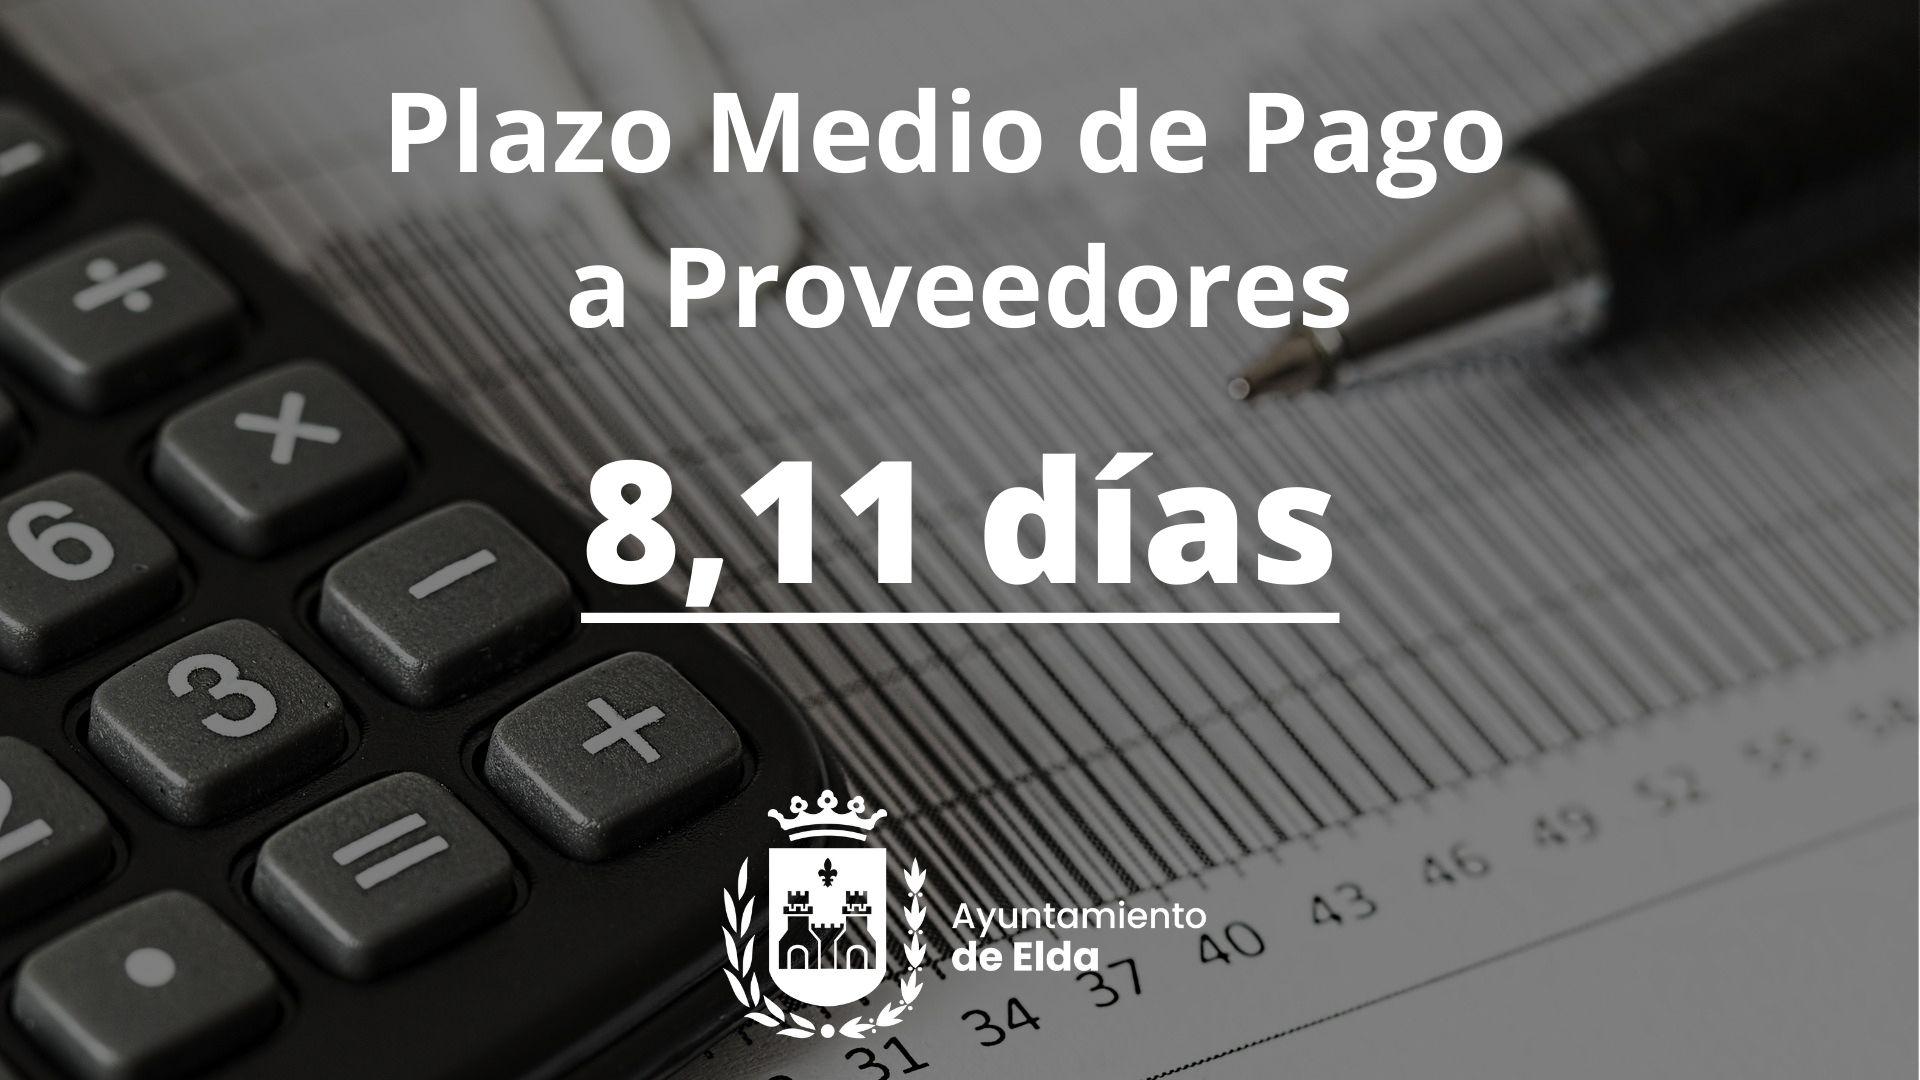 El Plazo Medio de Pago a proveedores del Ayuntamiento de Elda se sitúa en 8,11 días durante el segundo trimestre del año